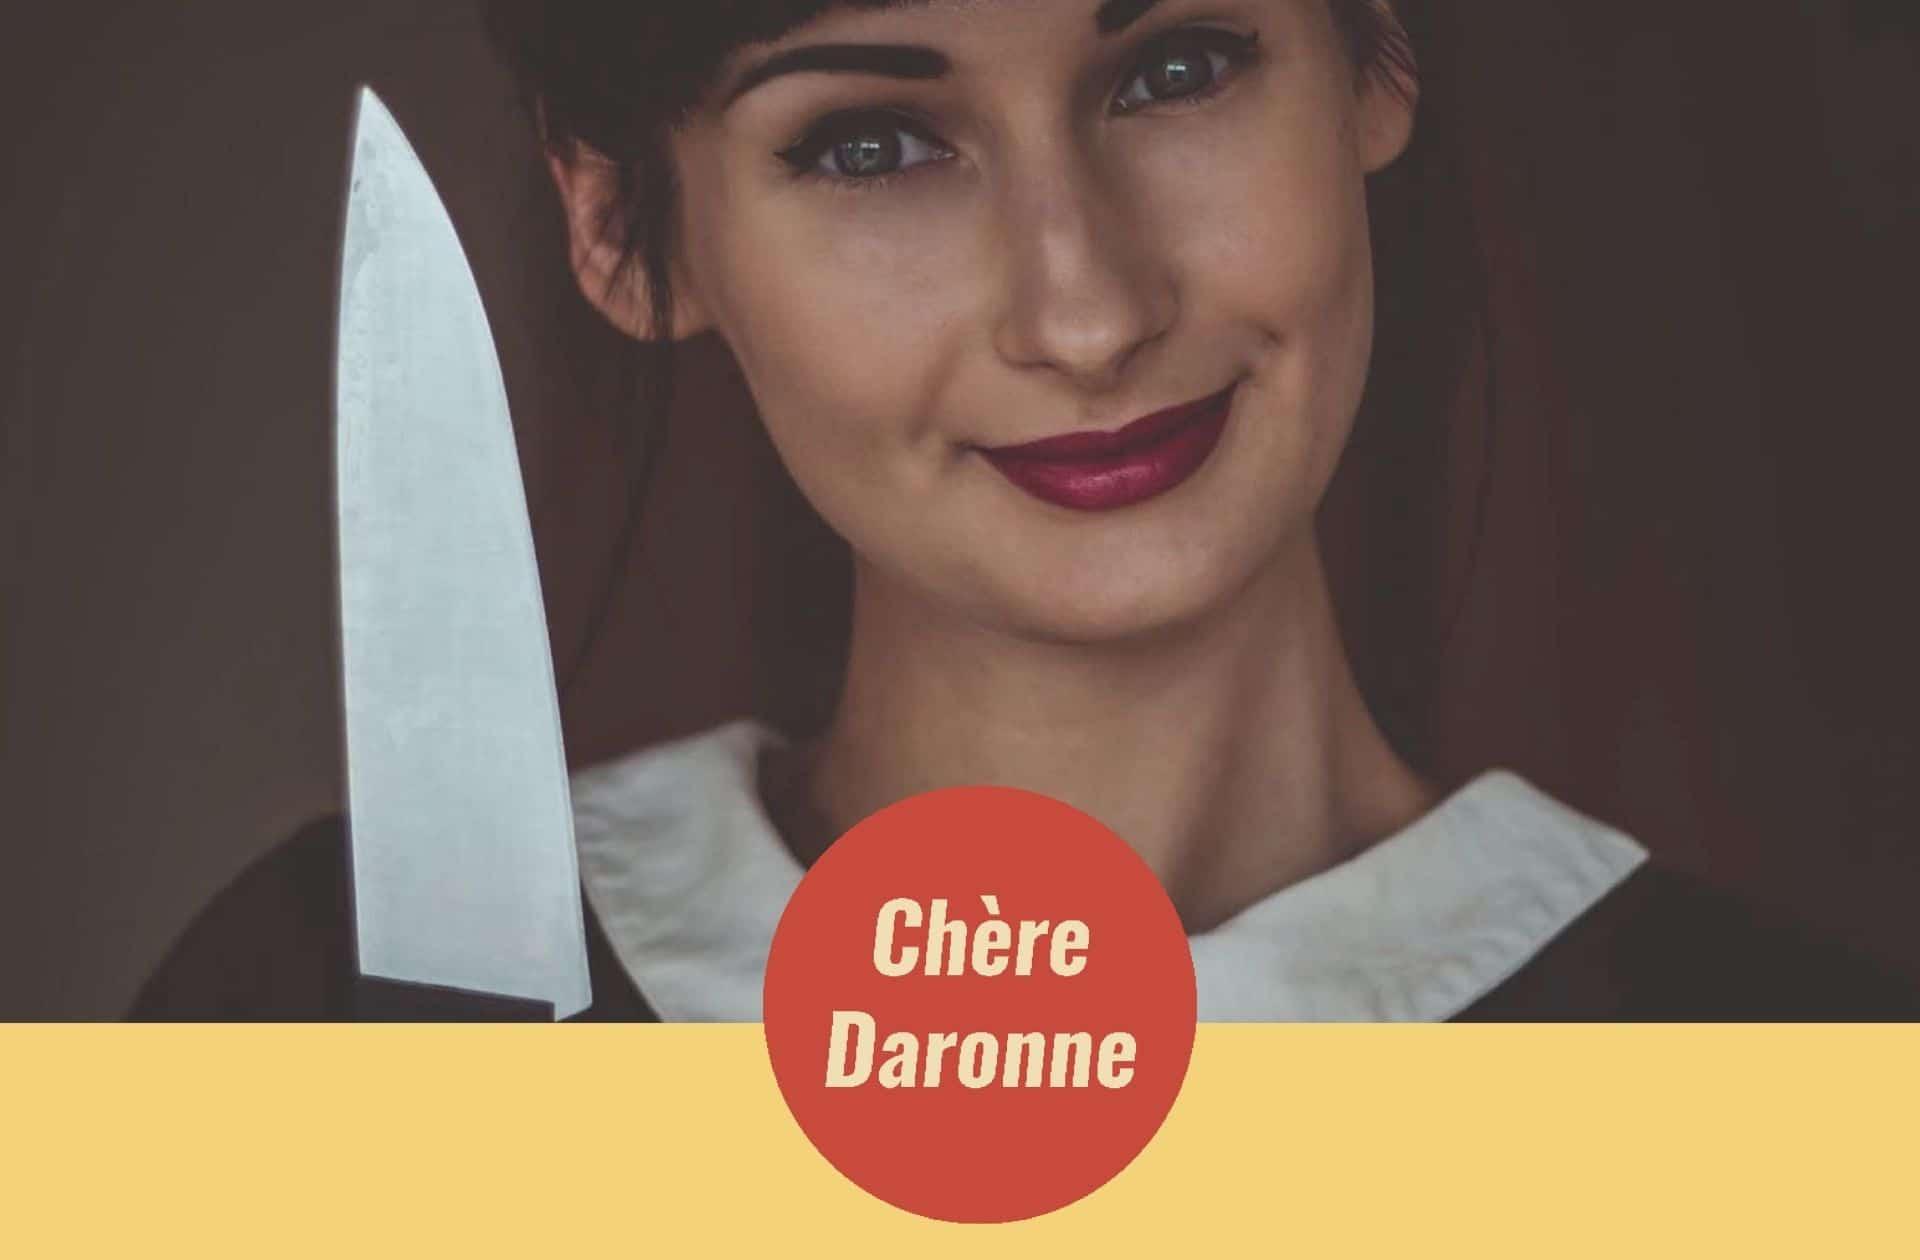 Chère Daronne, comment faire taire mon voisin bruyant sans finir en prison ?